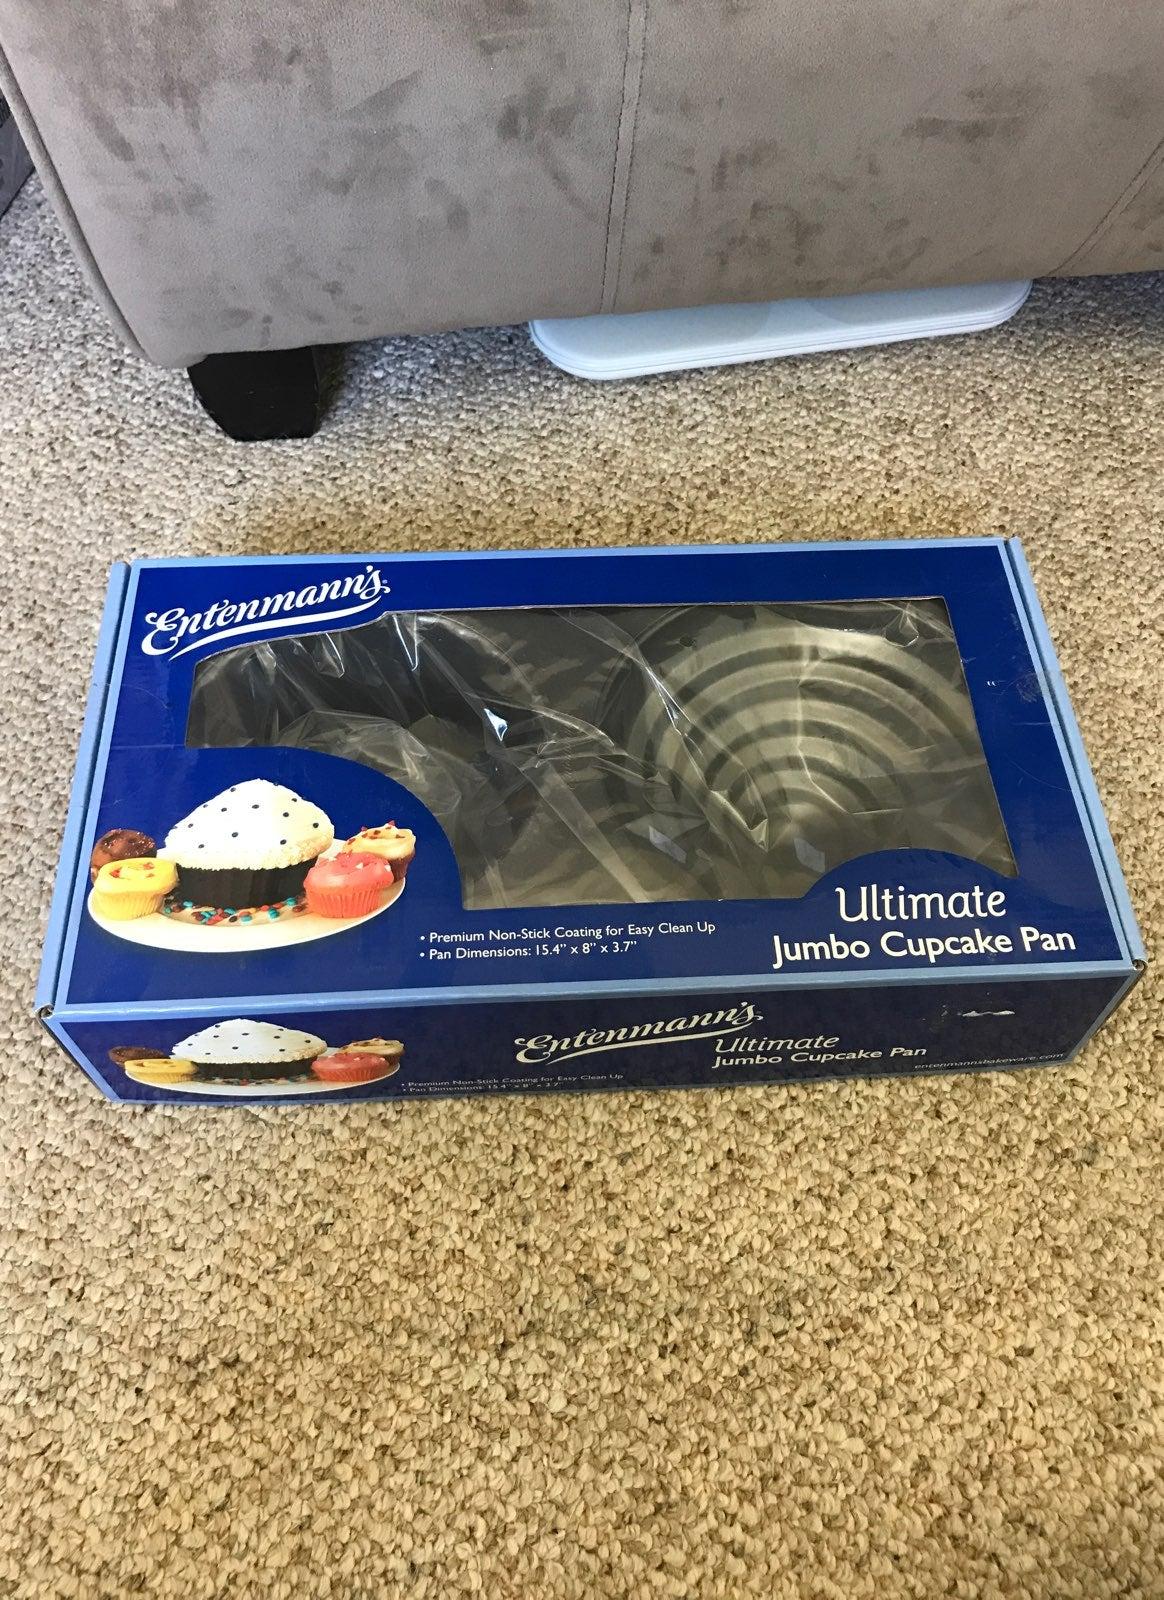 Entenmann's Ultimate Jumbo Cupcake Pan